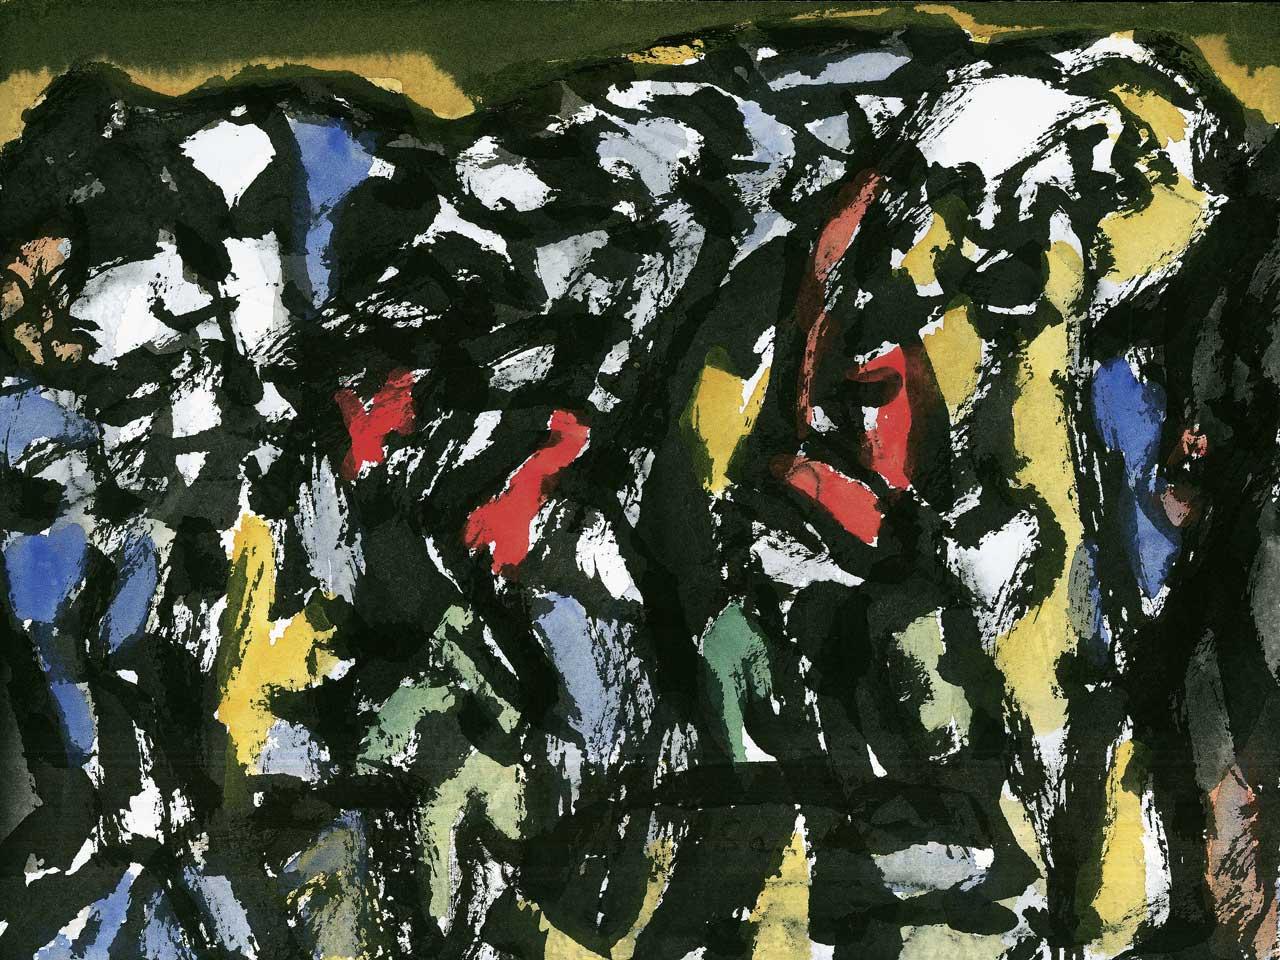 Norbert Klora, The Thar Desert 04